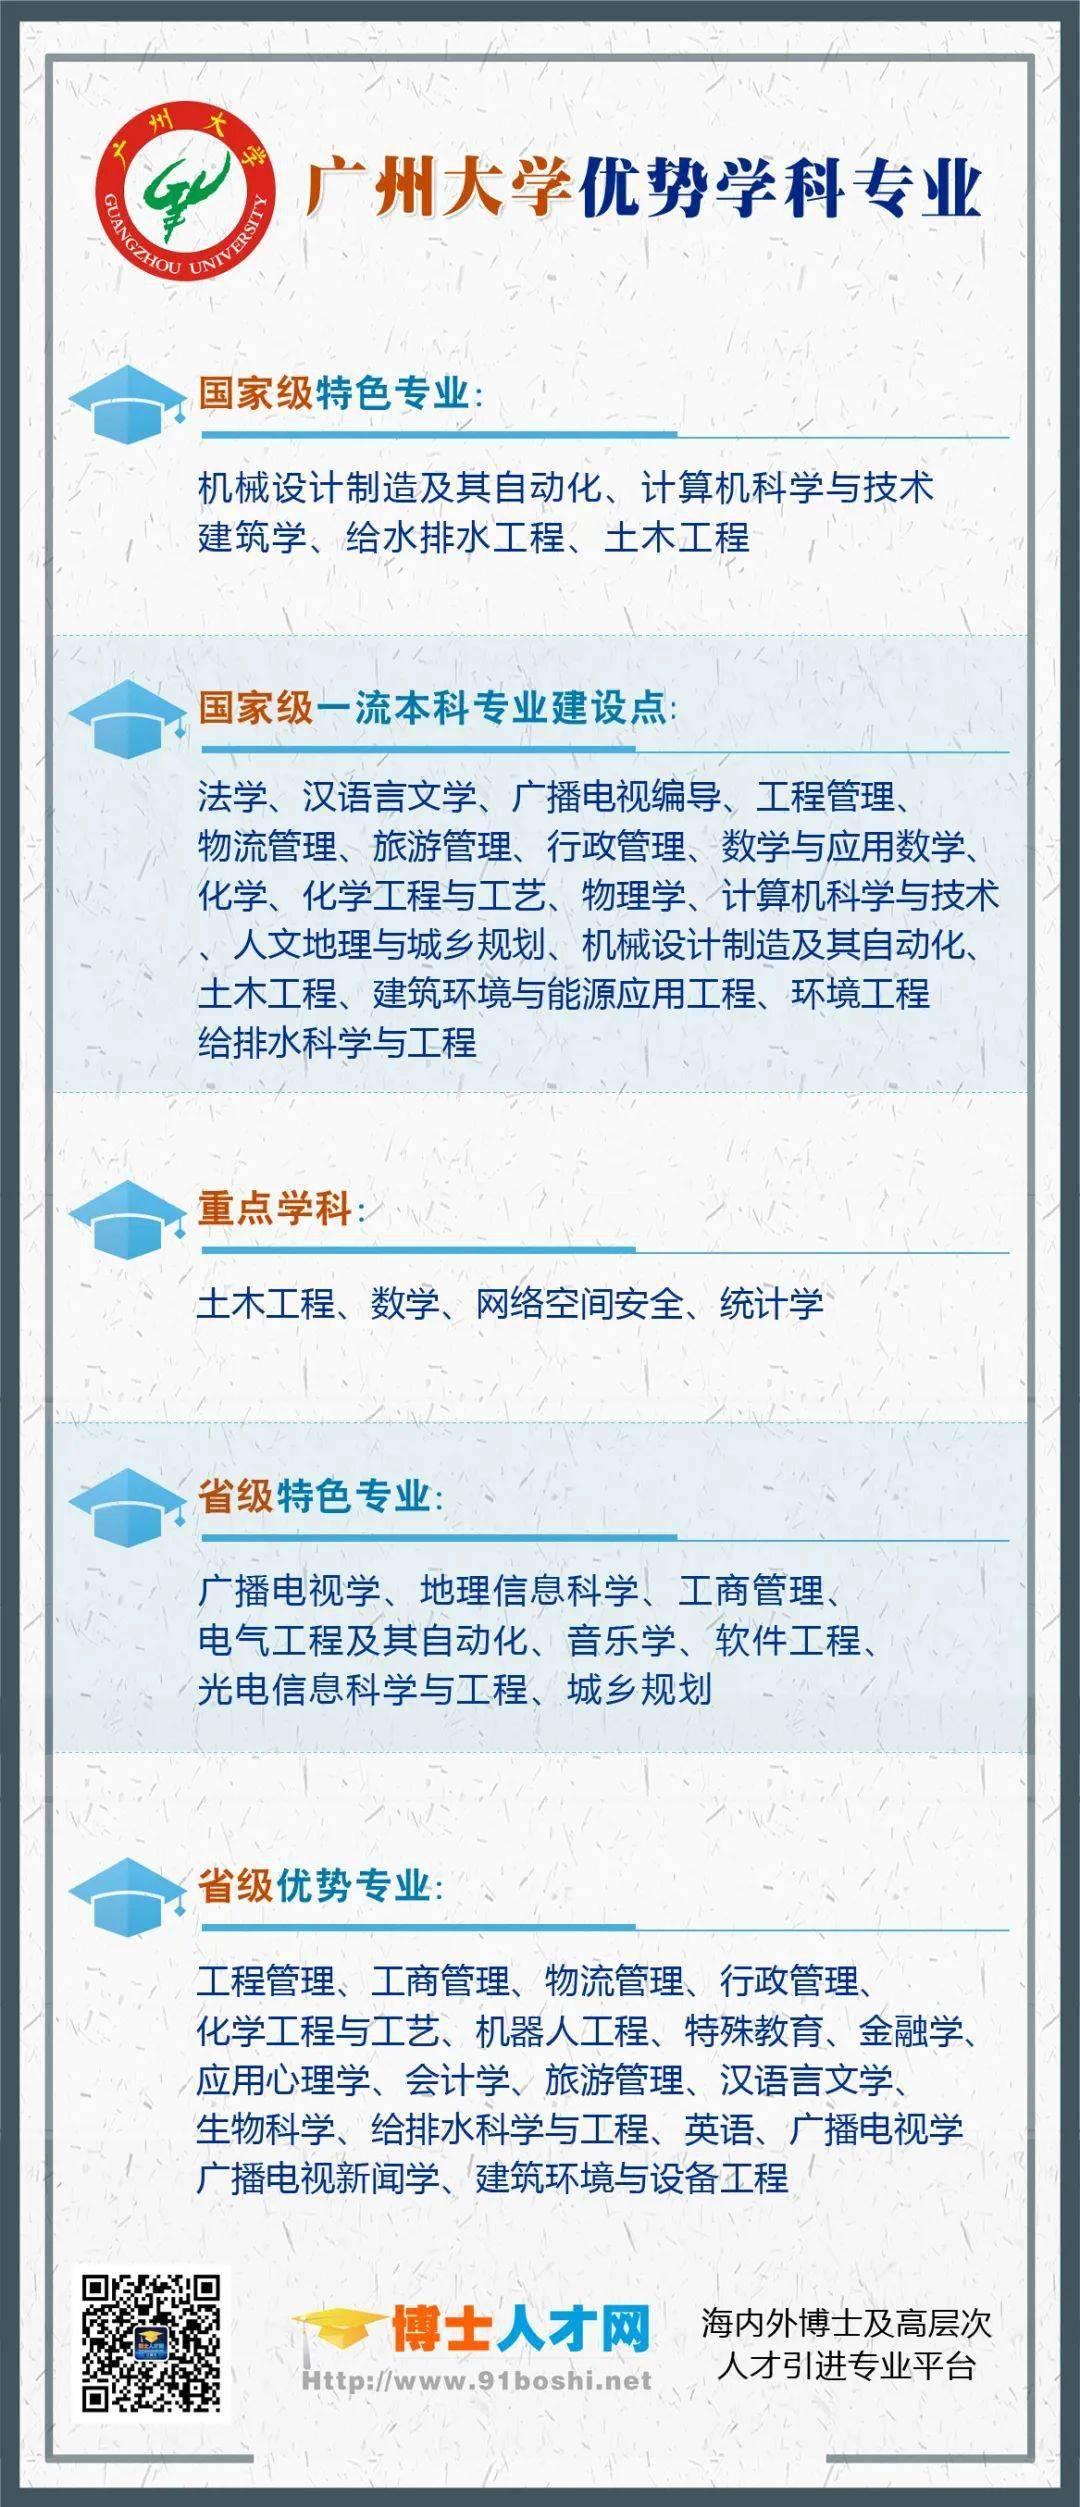 〖11月25日全球视频招聘会〗广州大学2020年海内外高层次人才招聘